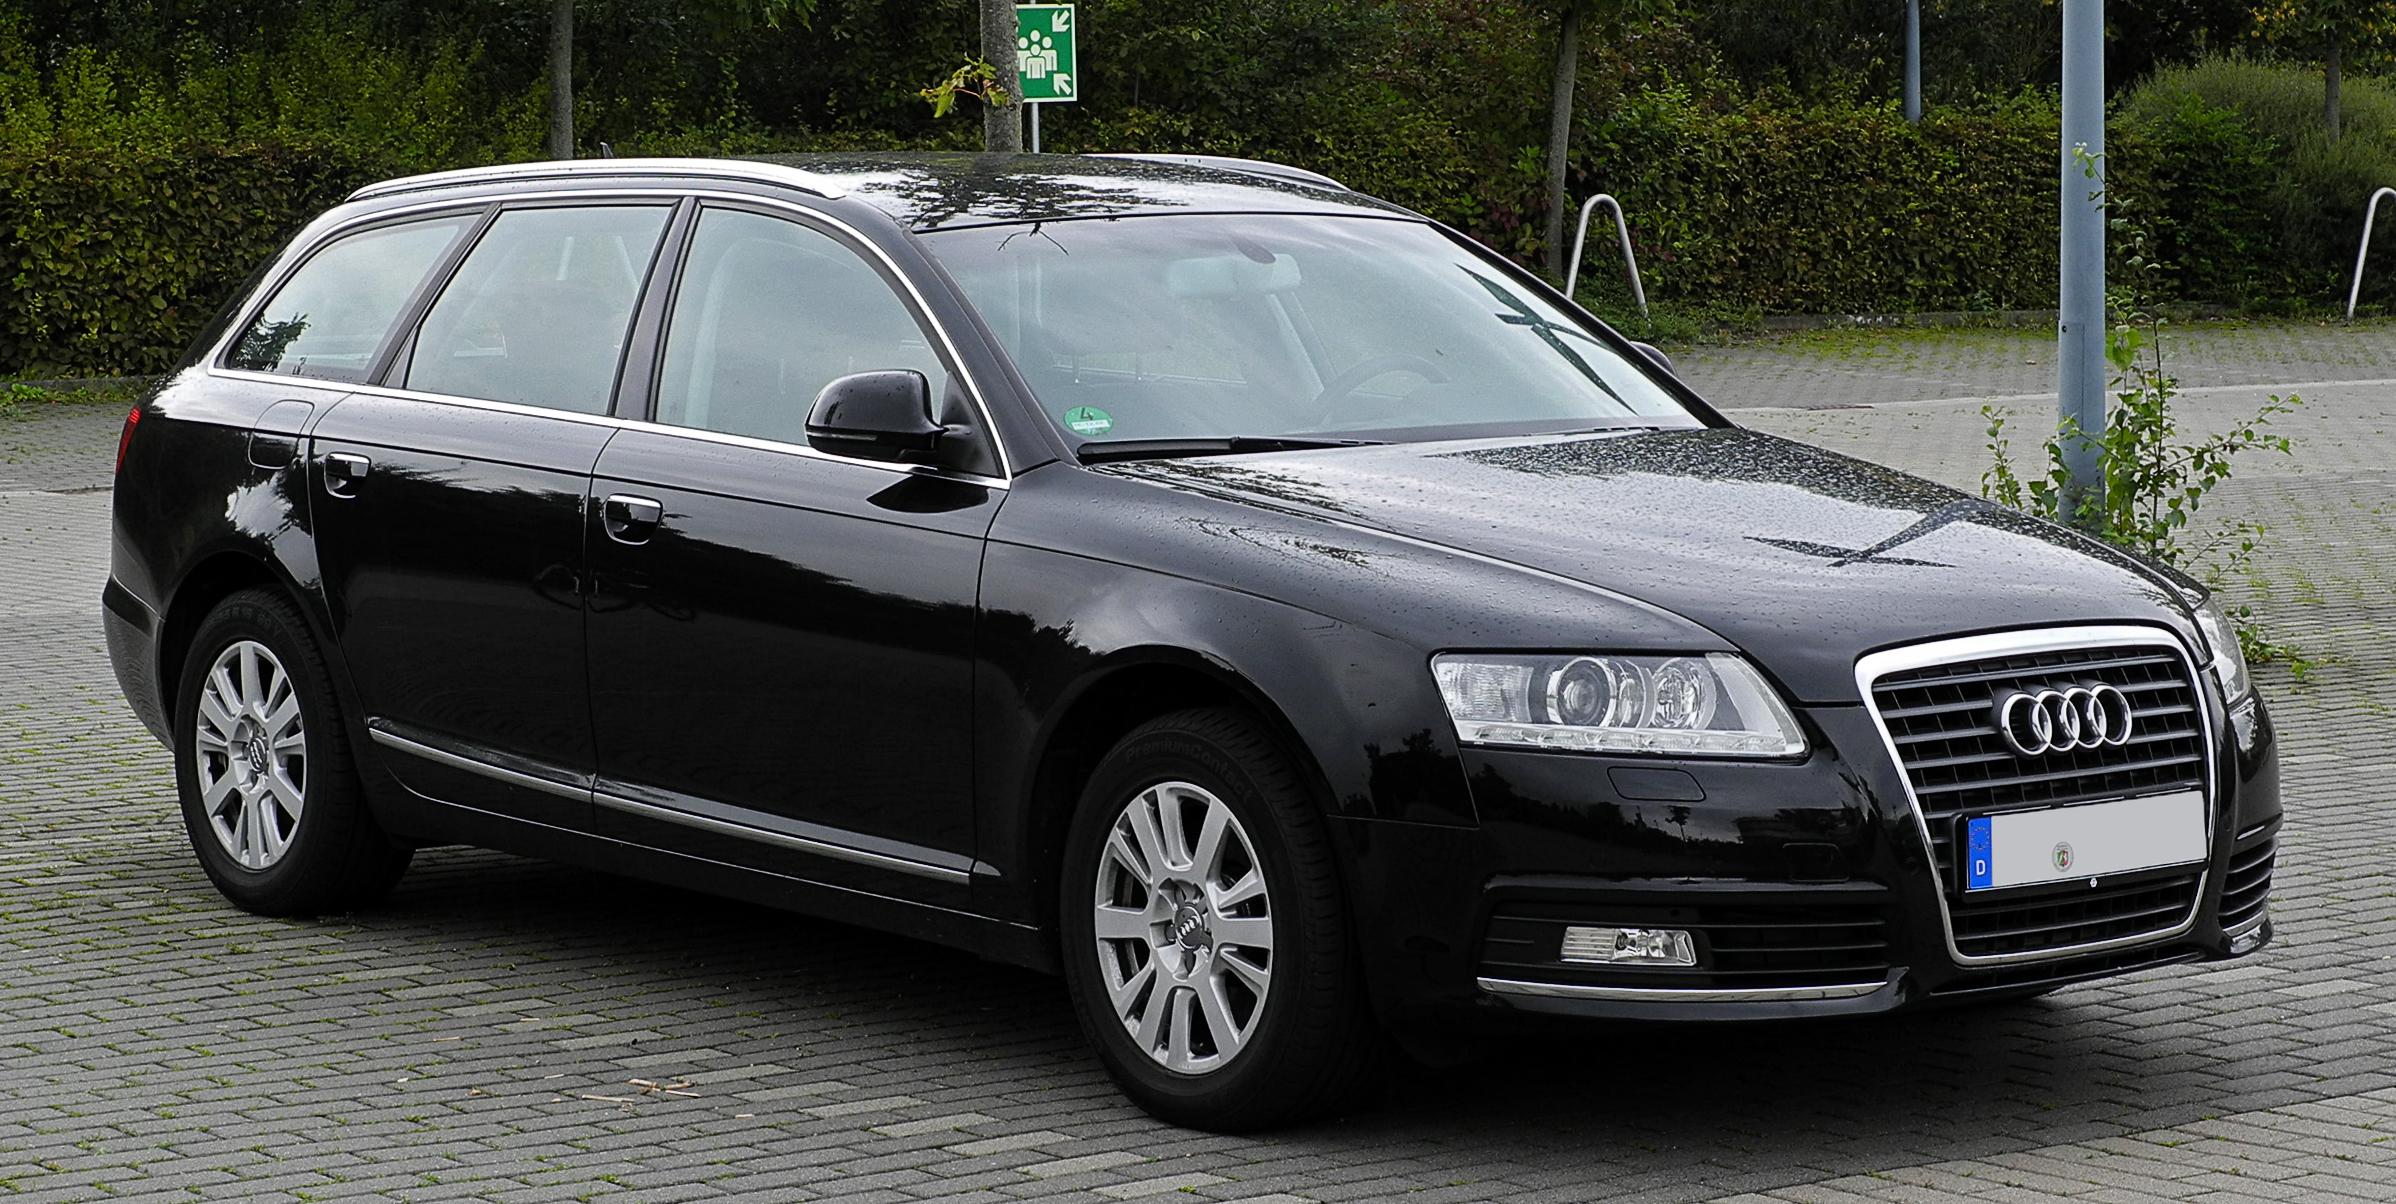 Starre Anhängerkupplung Für Audi A6 Kombi Lafuente